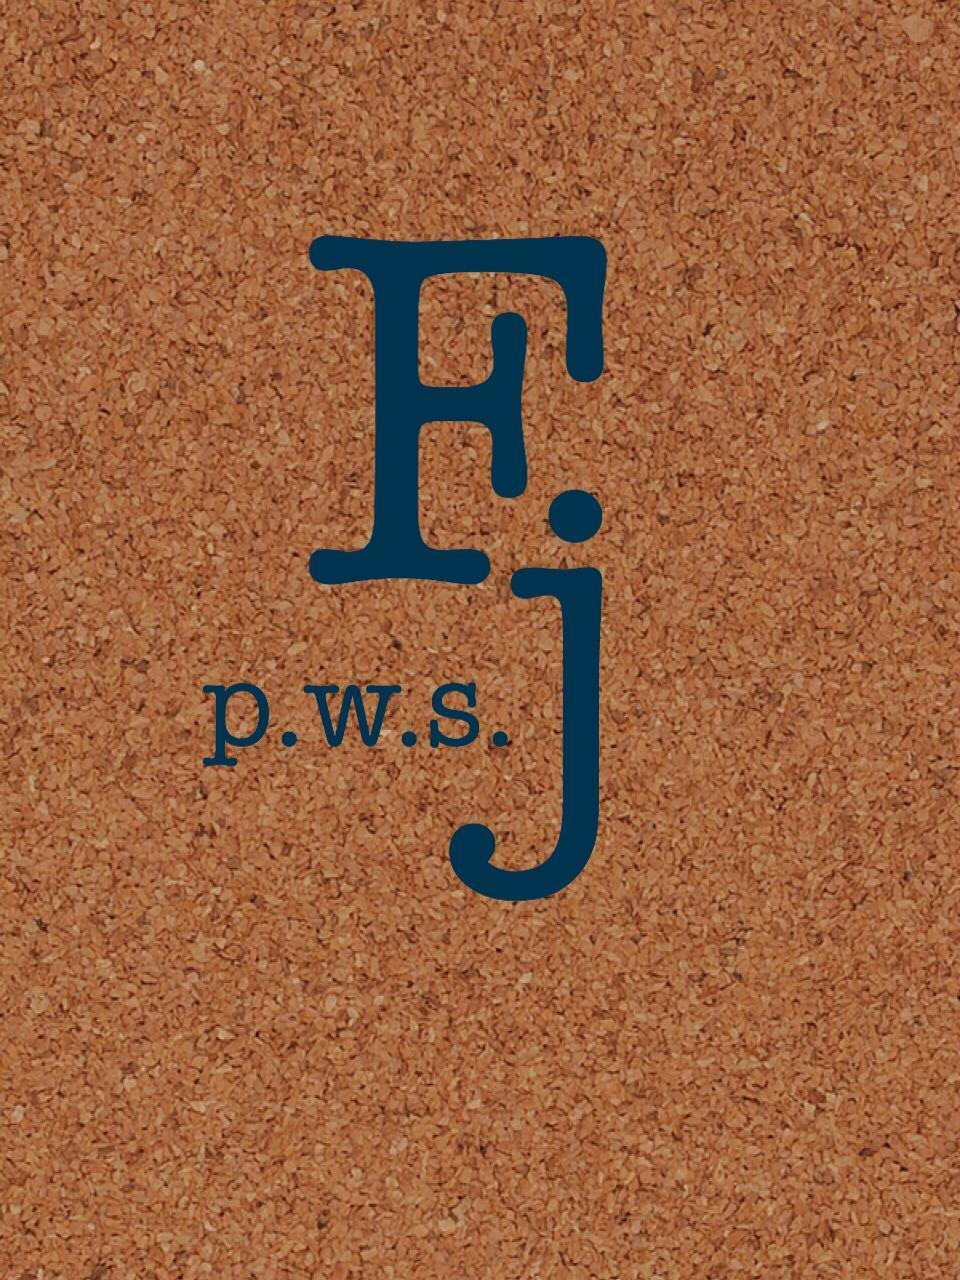 fj-pws